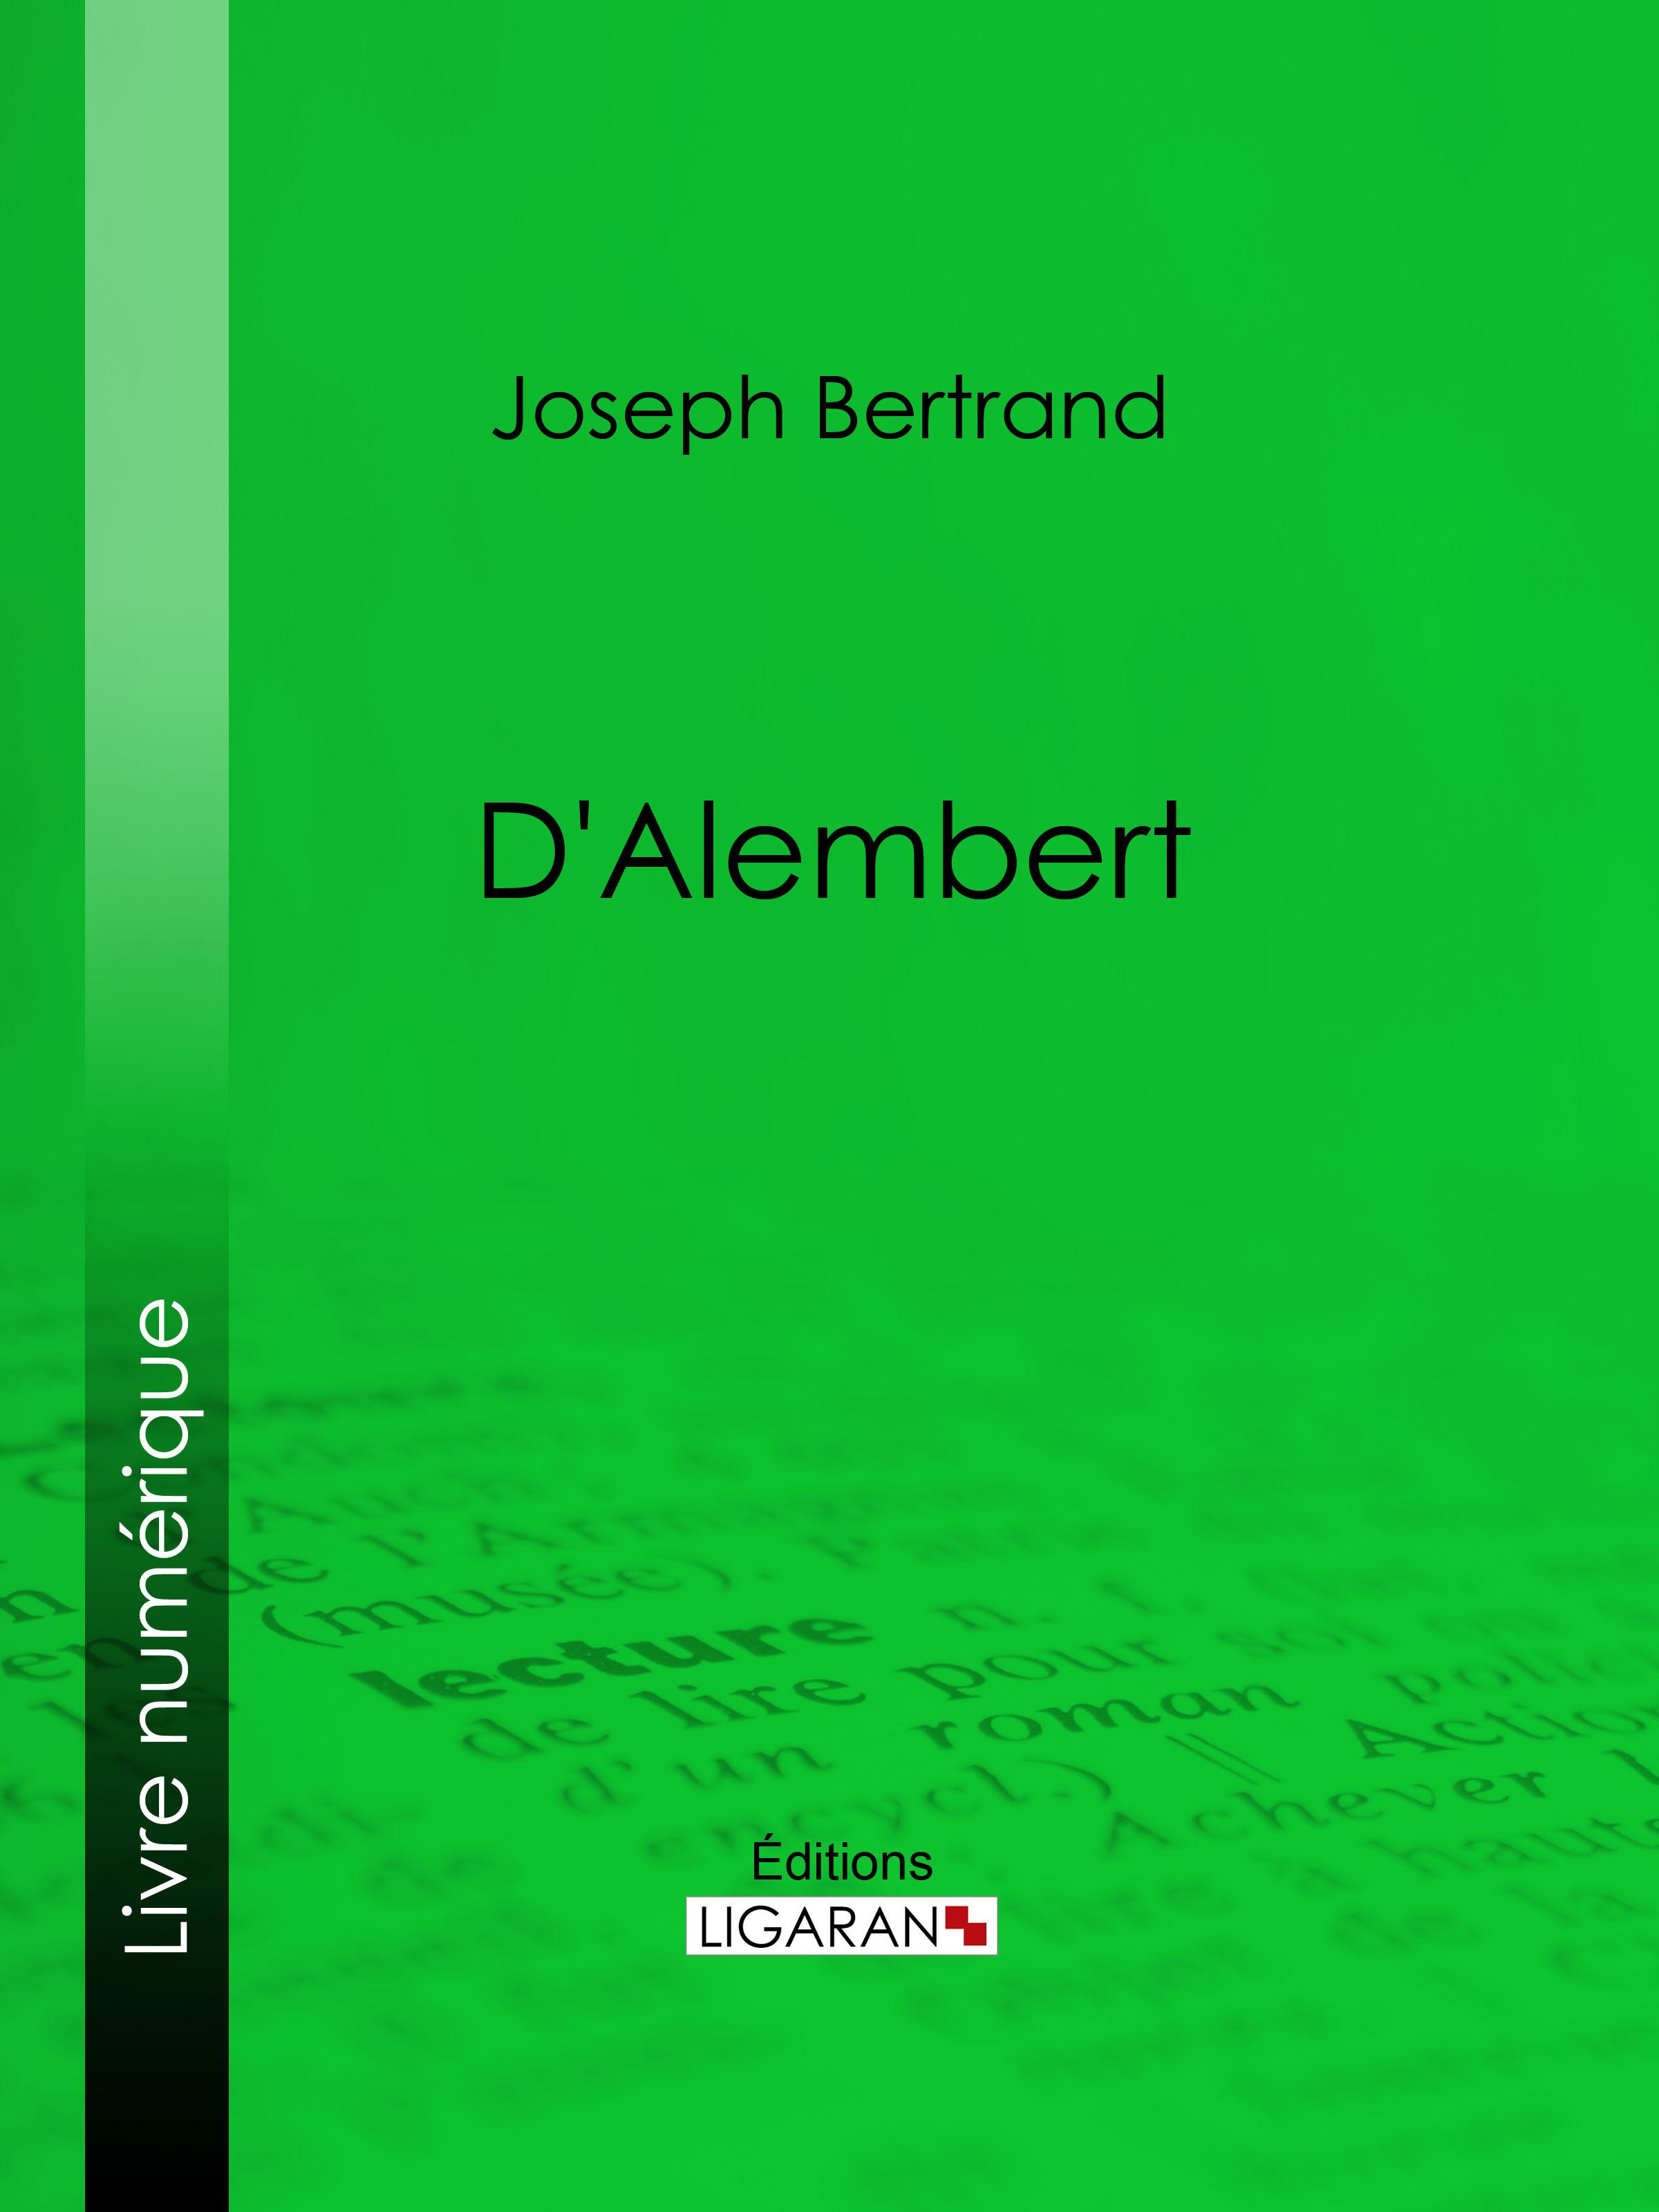 D'Alembert